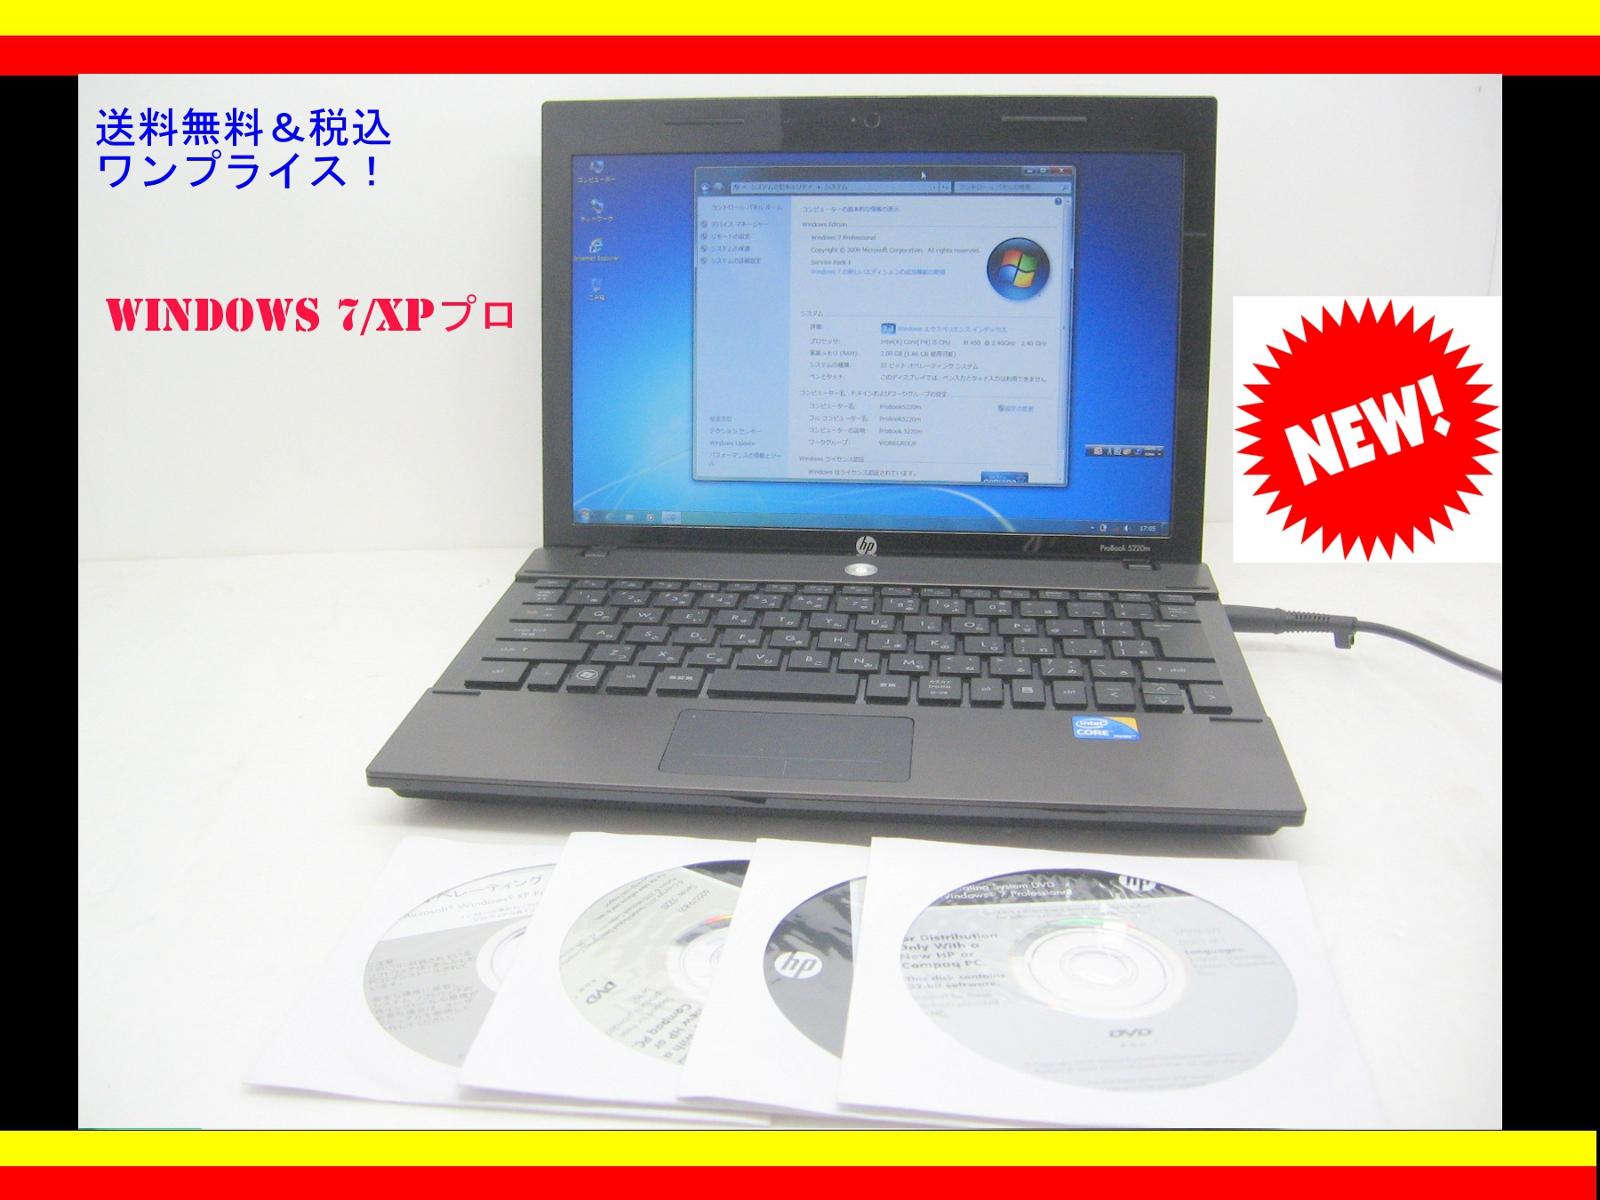 HP製 ProBook 5220m i5 2.4GHz 4GB 160GB Win7【中古】【送料無料】【あす楽対応】